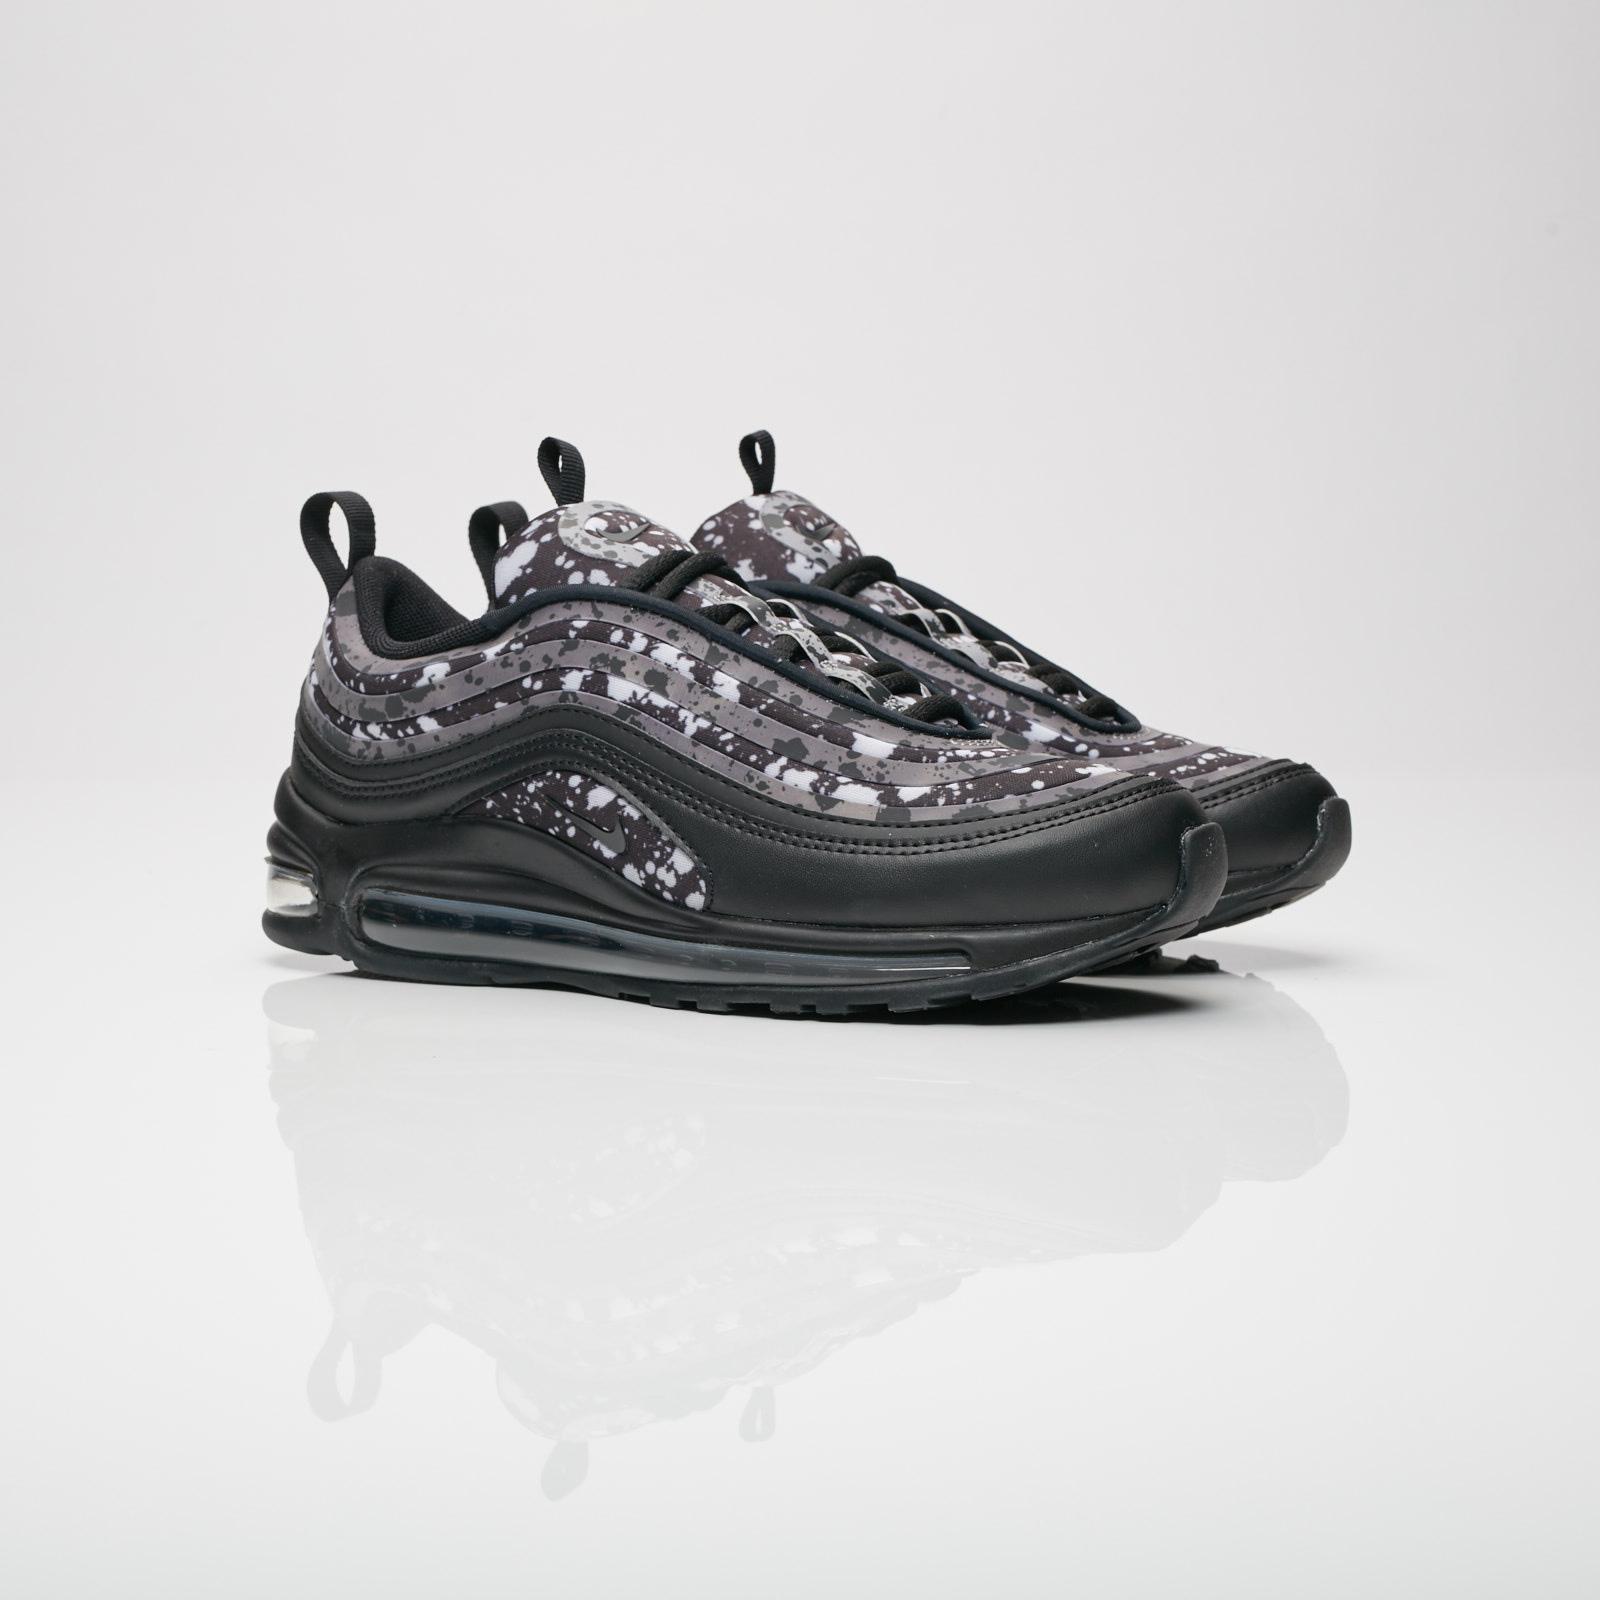 5d2ba6425d Nike Wmns Air Max 97 UL 17 PRM - Ao2325-002 - Sneakersnstuff ...